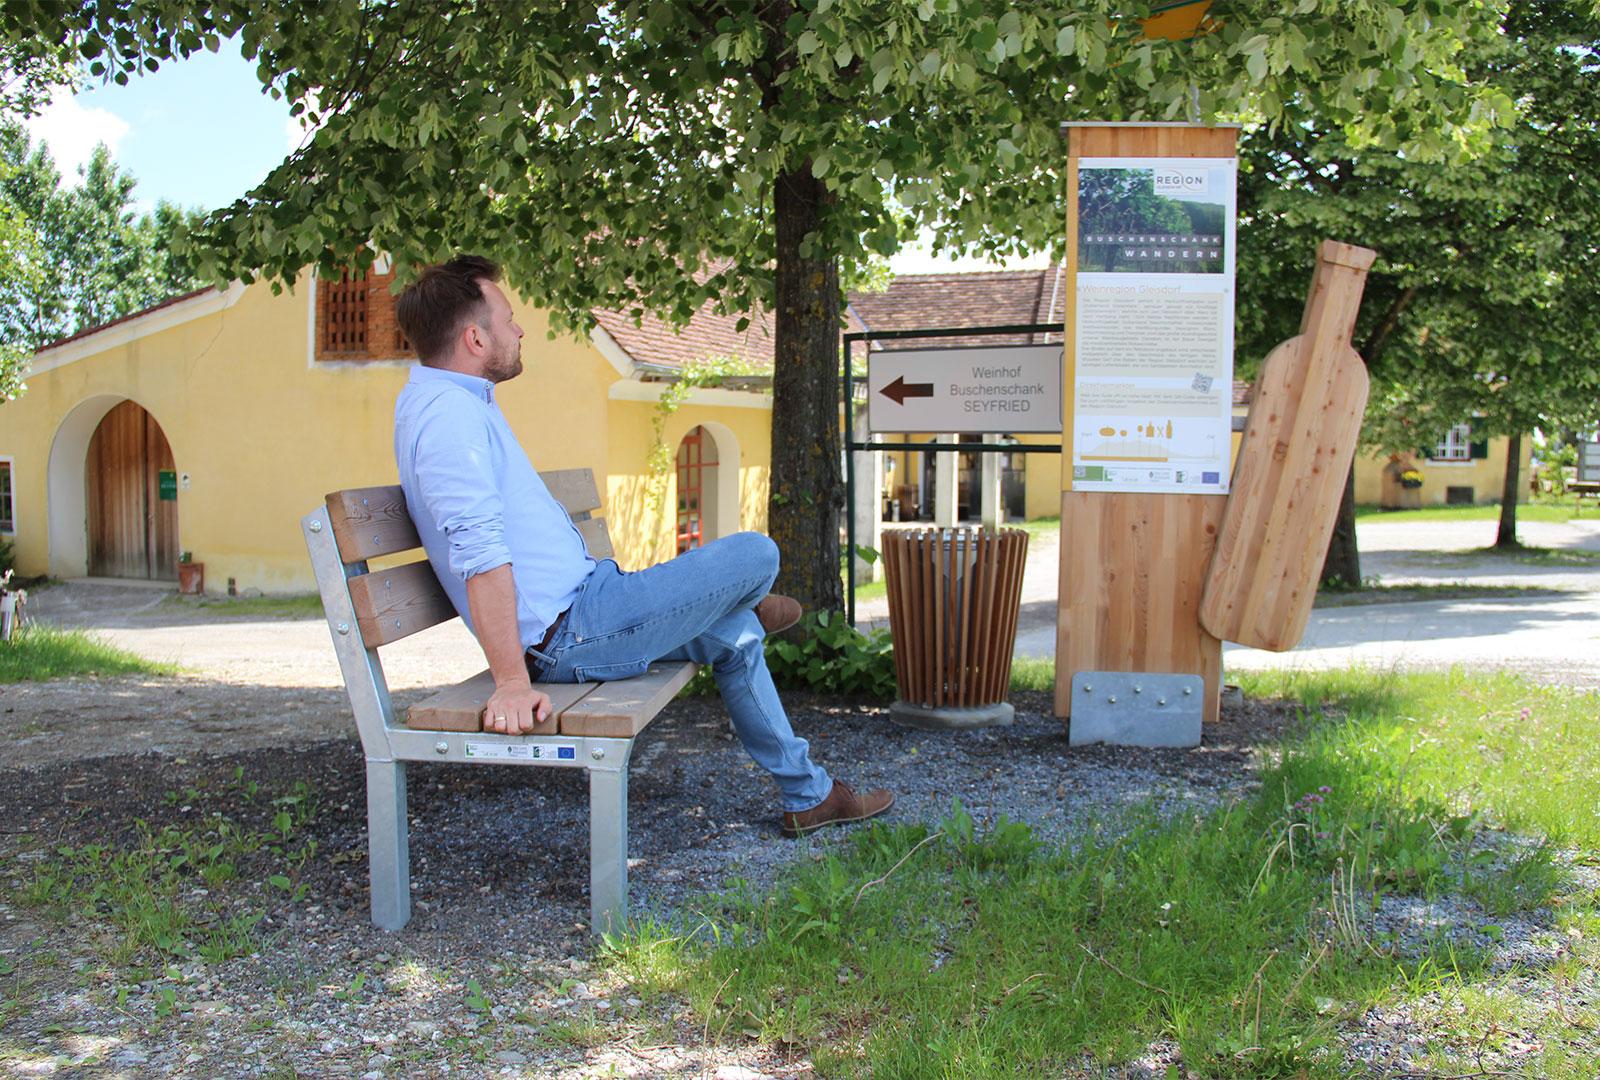 Freizeit- und Bewegungsraum Gleisdorf 4